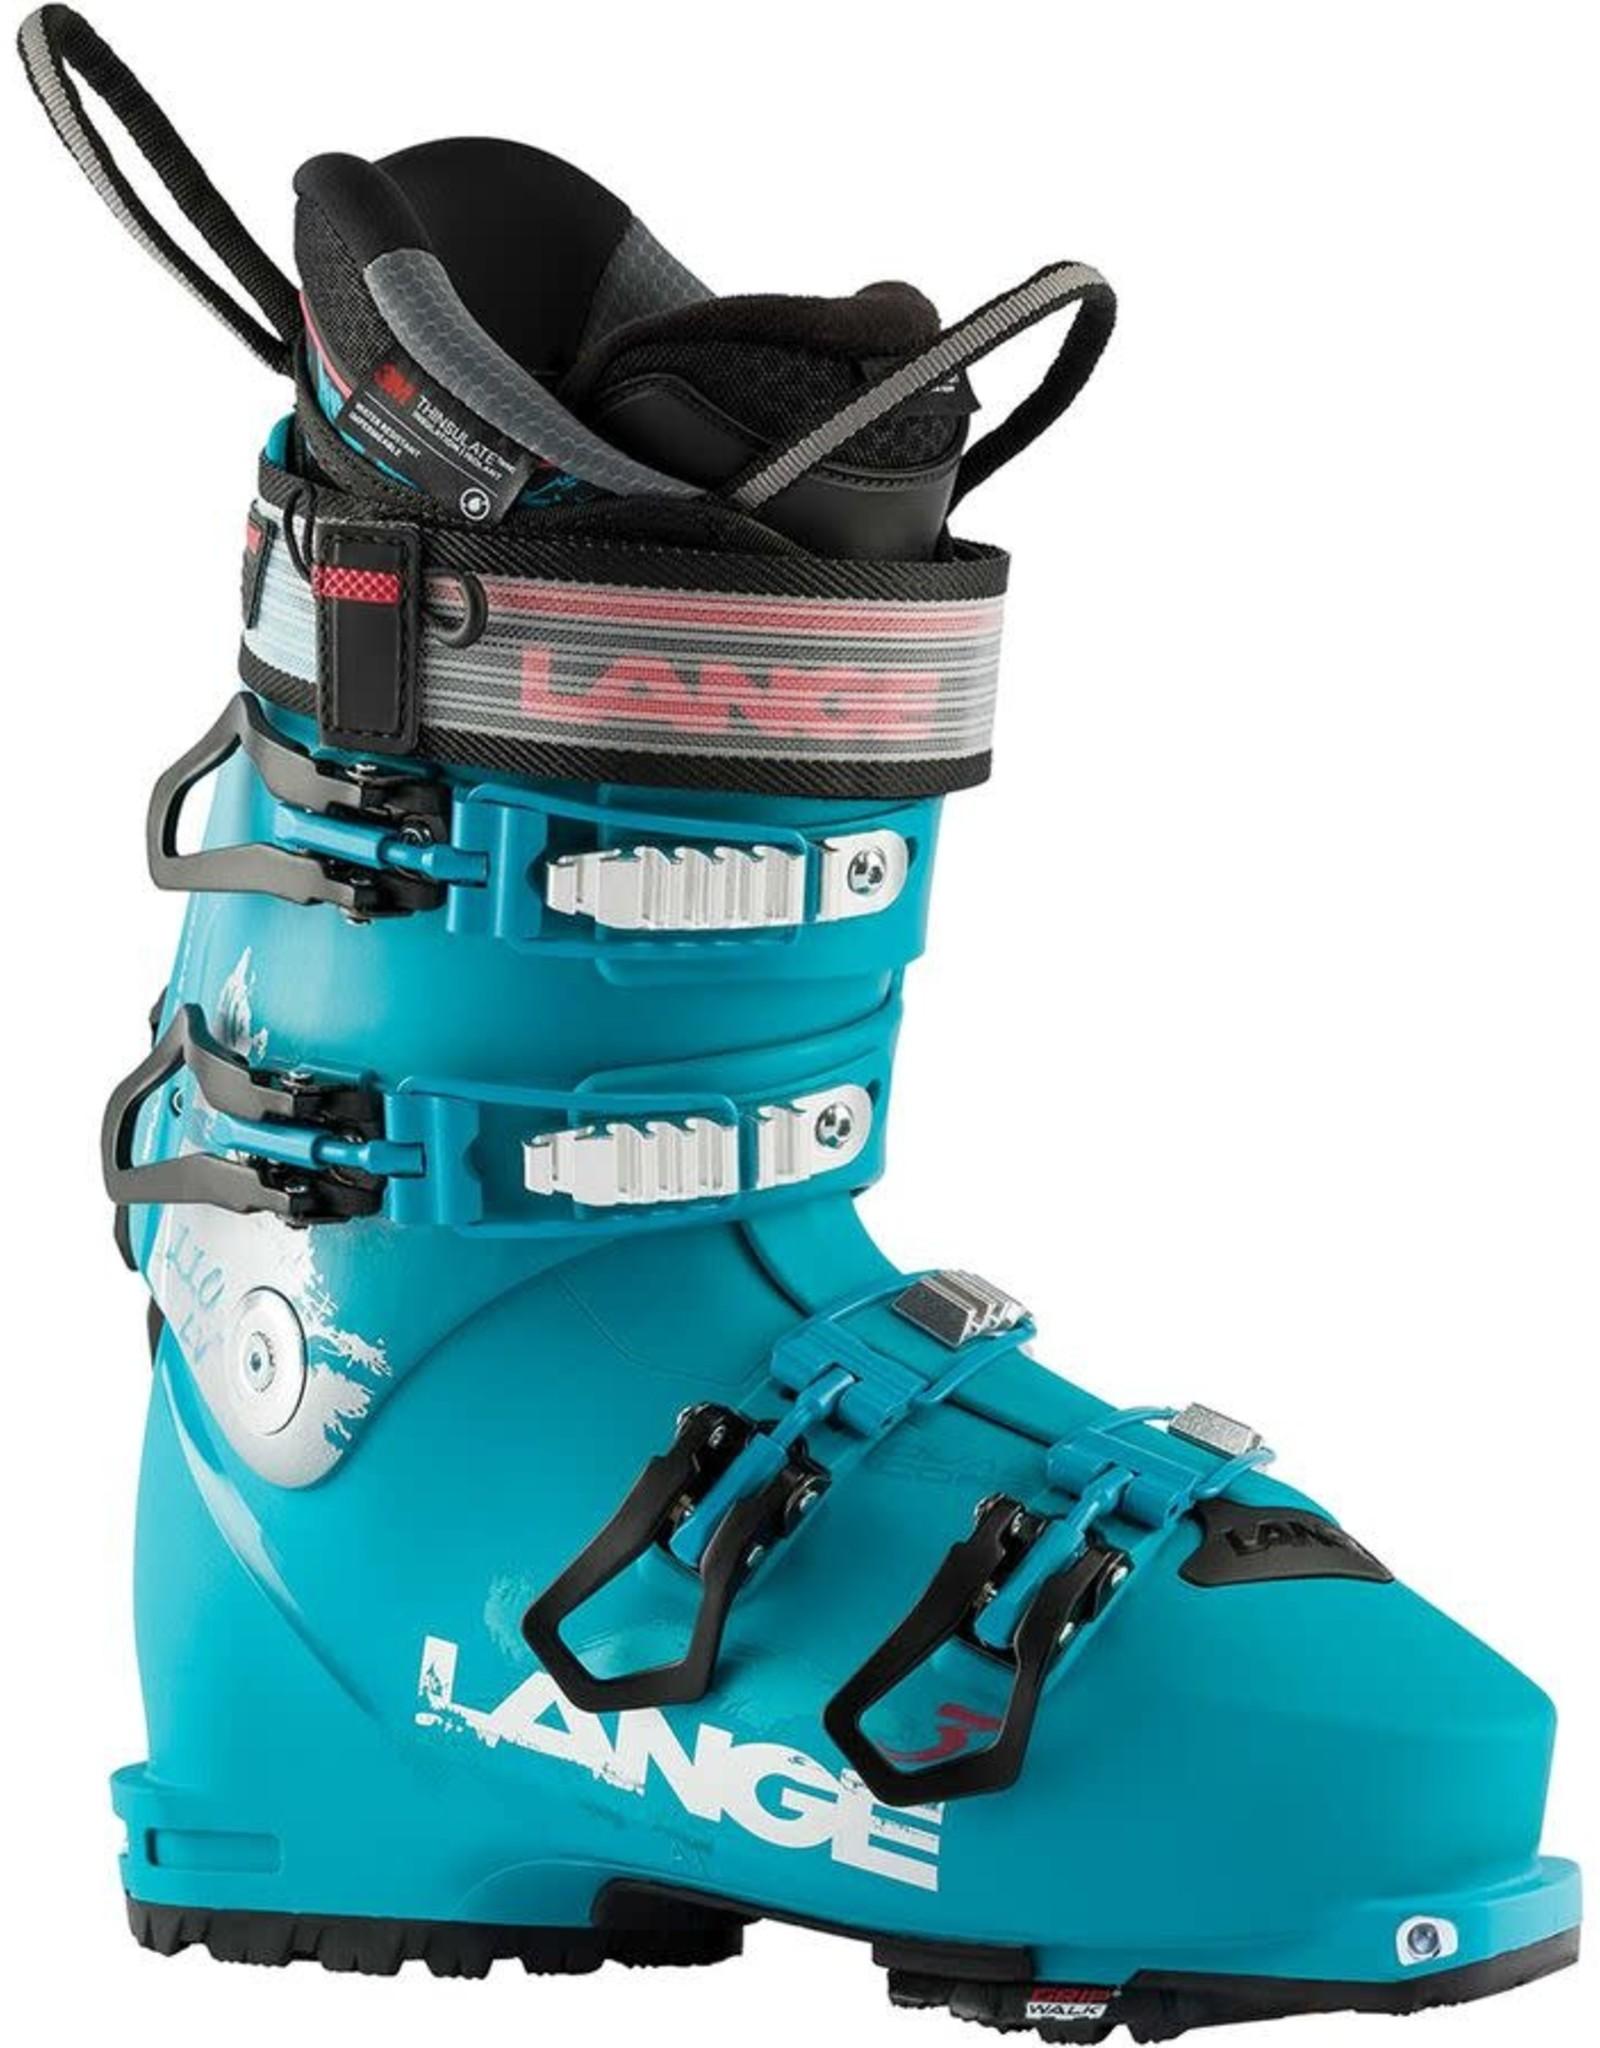 Lange LANGE Ski Boots XT3 110 W L.V. (21/22)